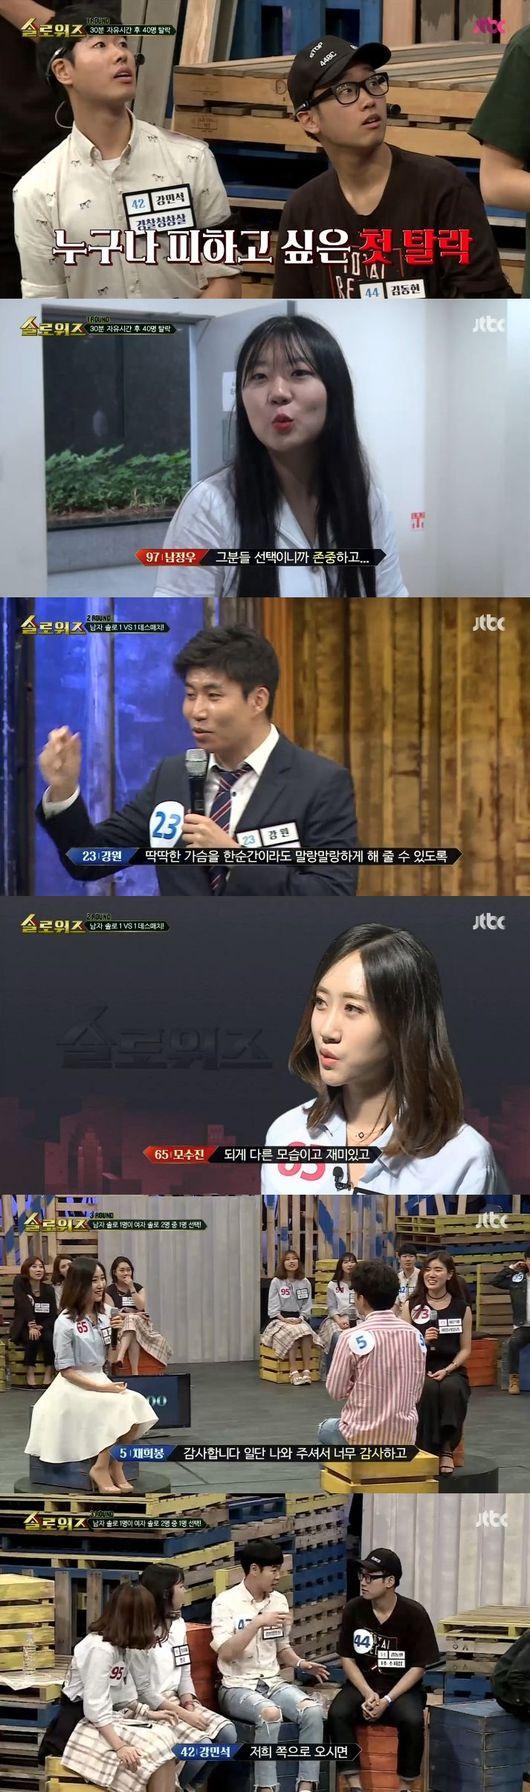 솔로워즈. 사진=JTBC '솔로워즈' 방송 캡쳐